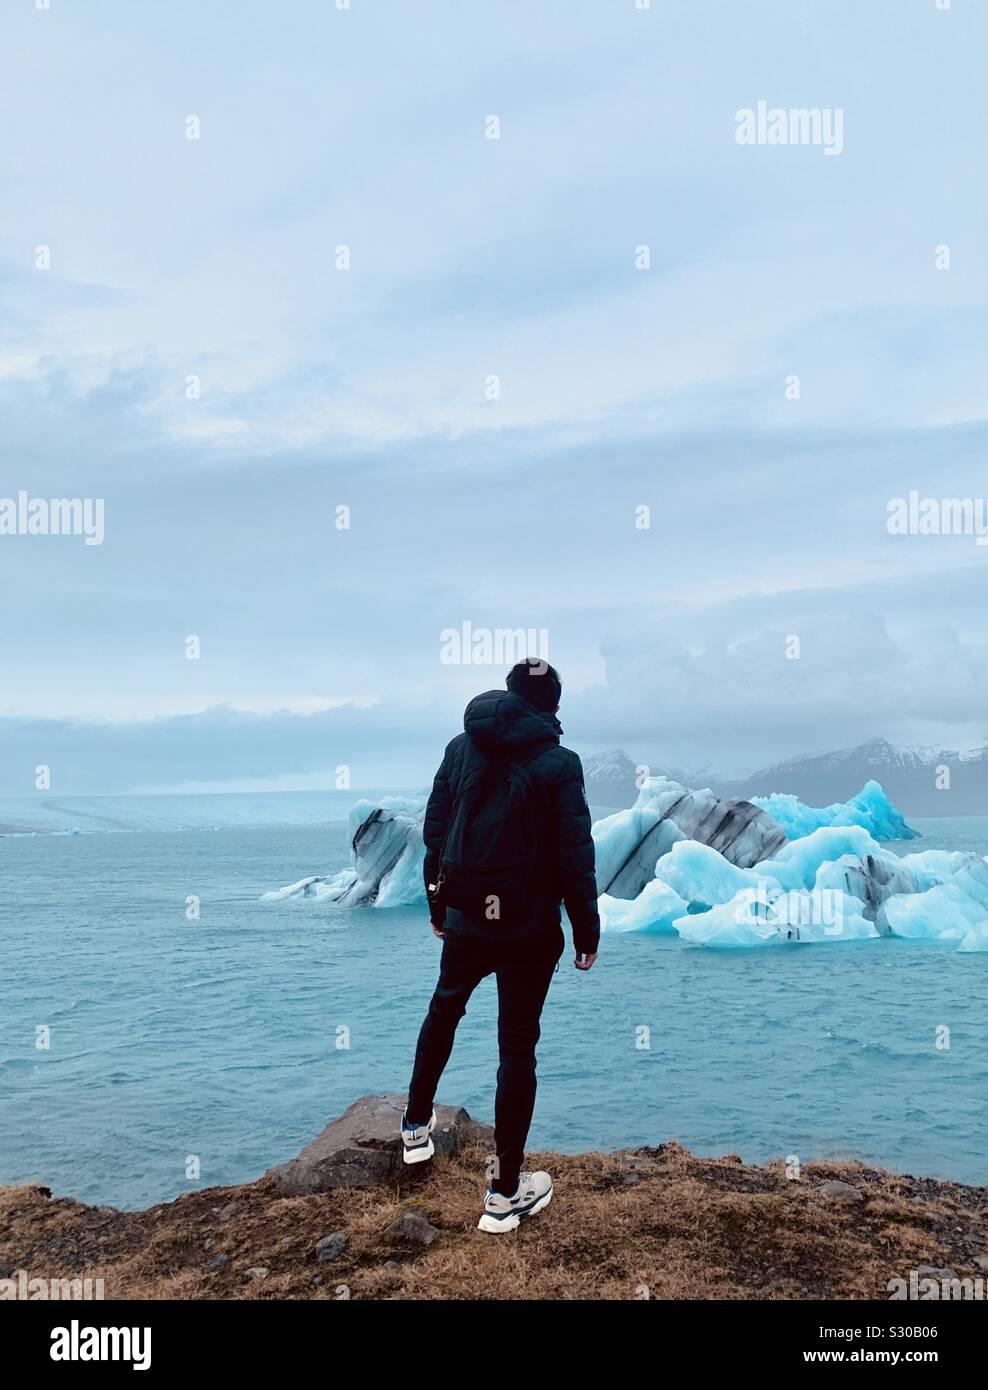 El hielo natural que no está creado por el humano Foto de stock